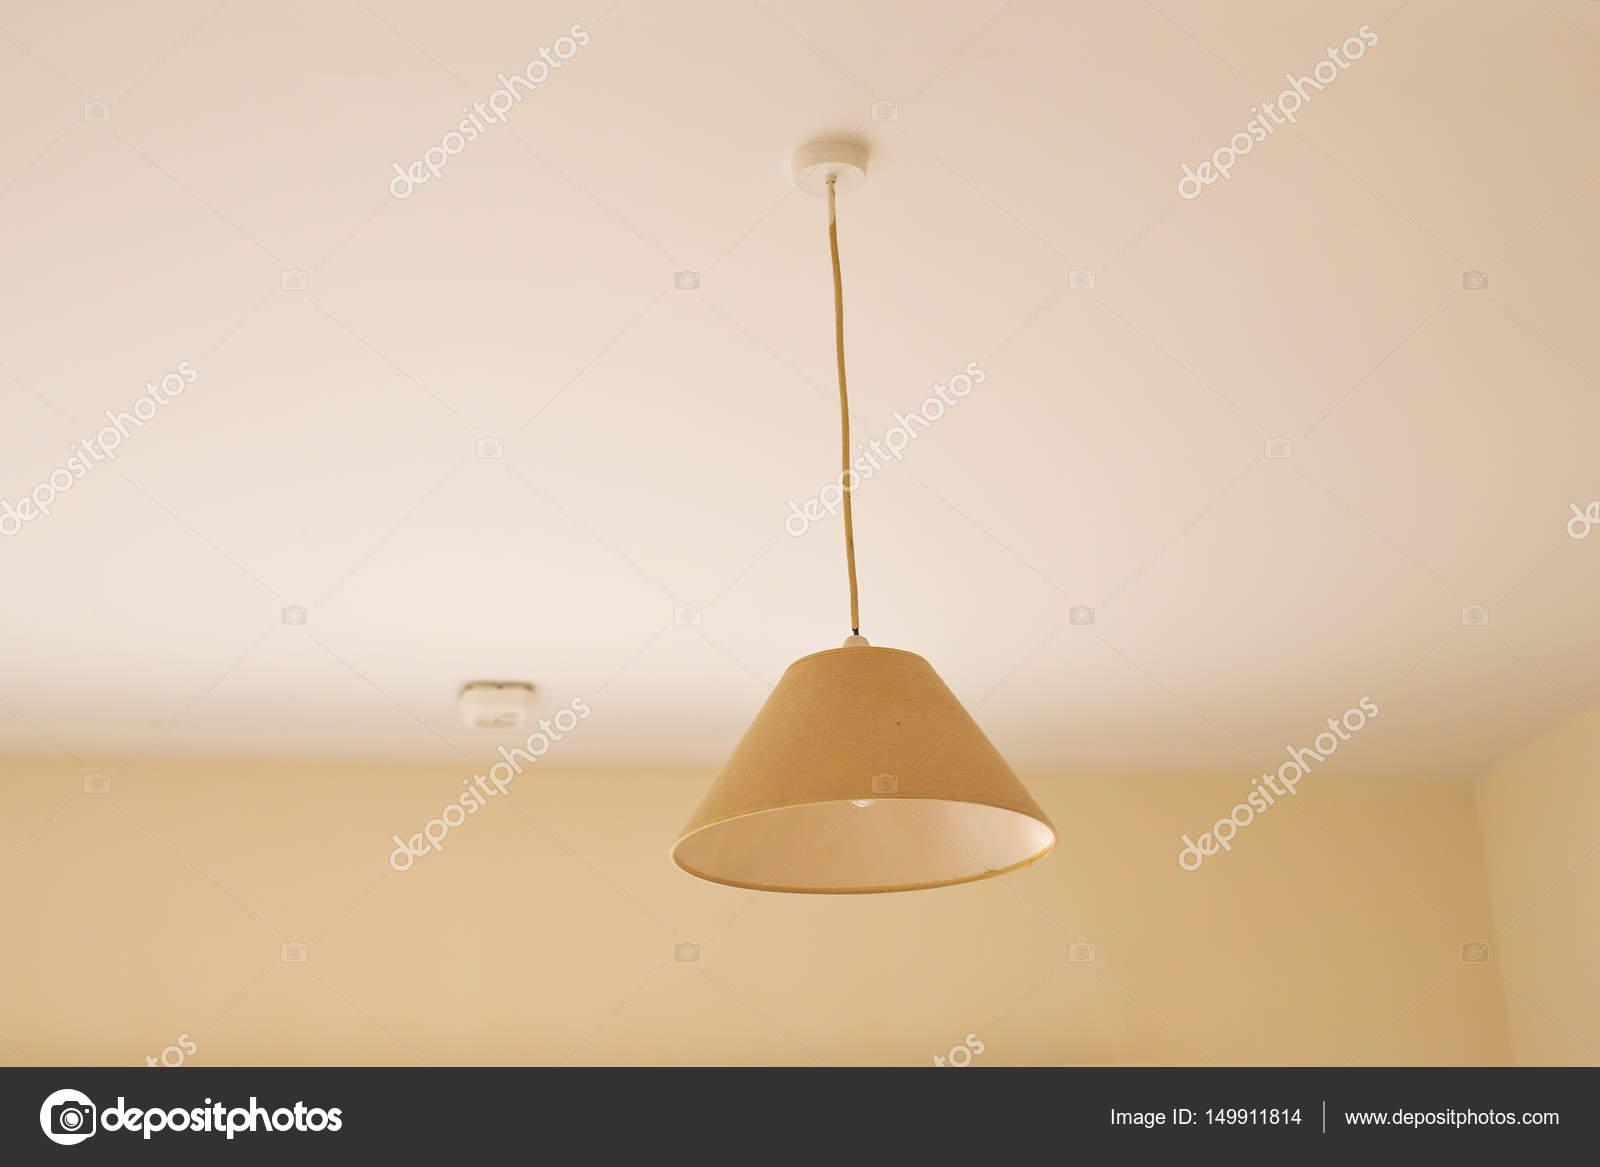 Kronleuchter In Der Küche U2014 Stockfoto